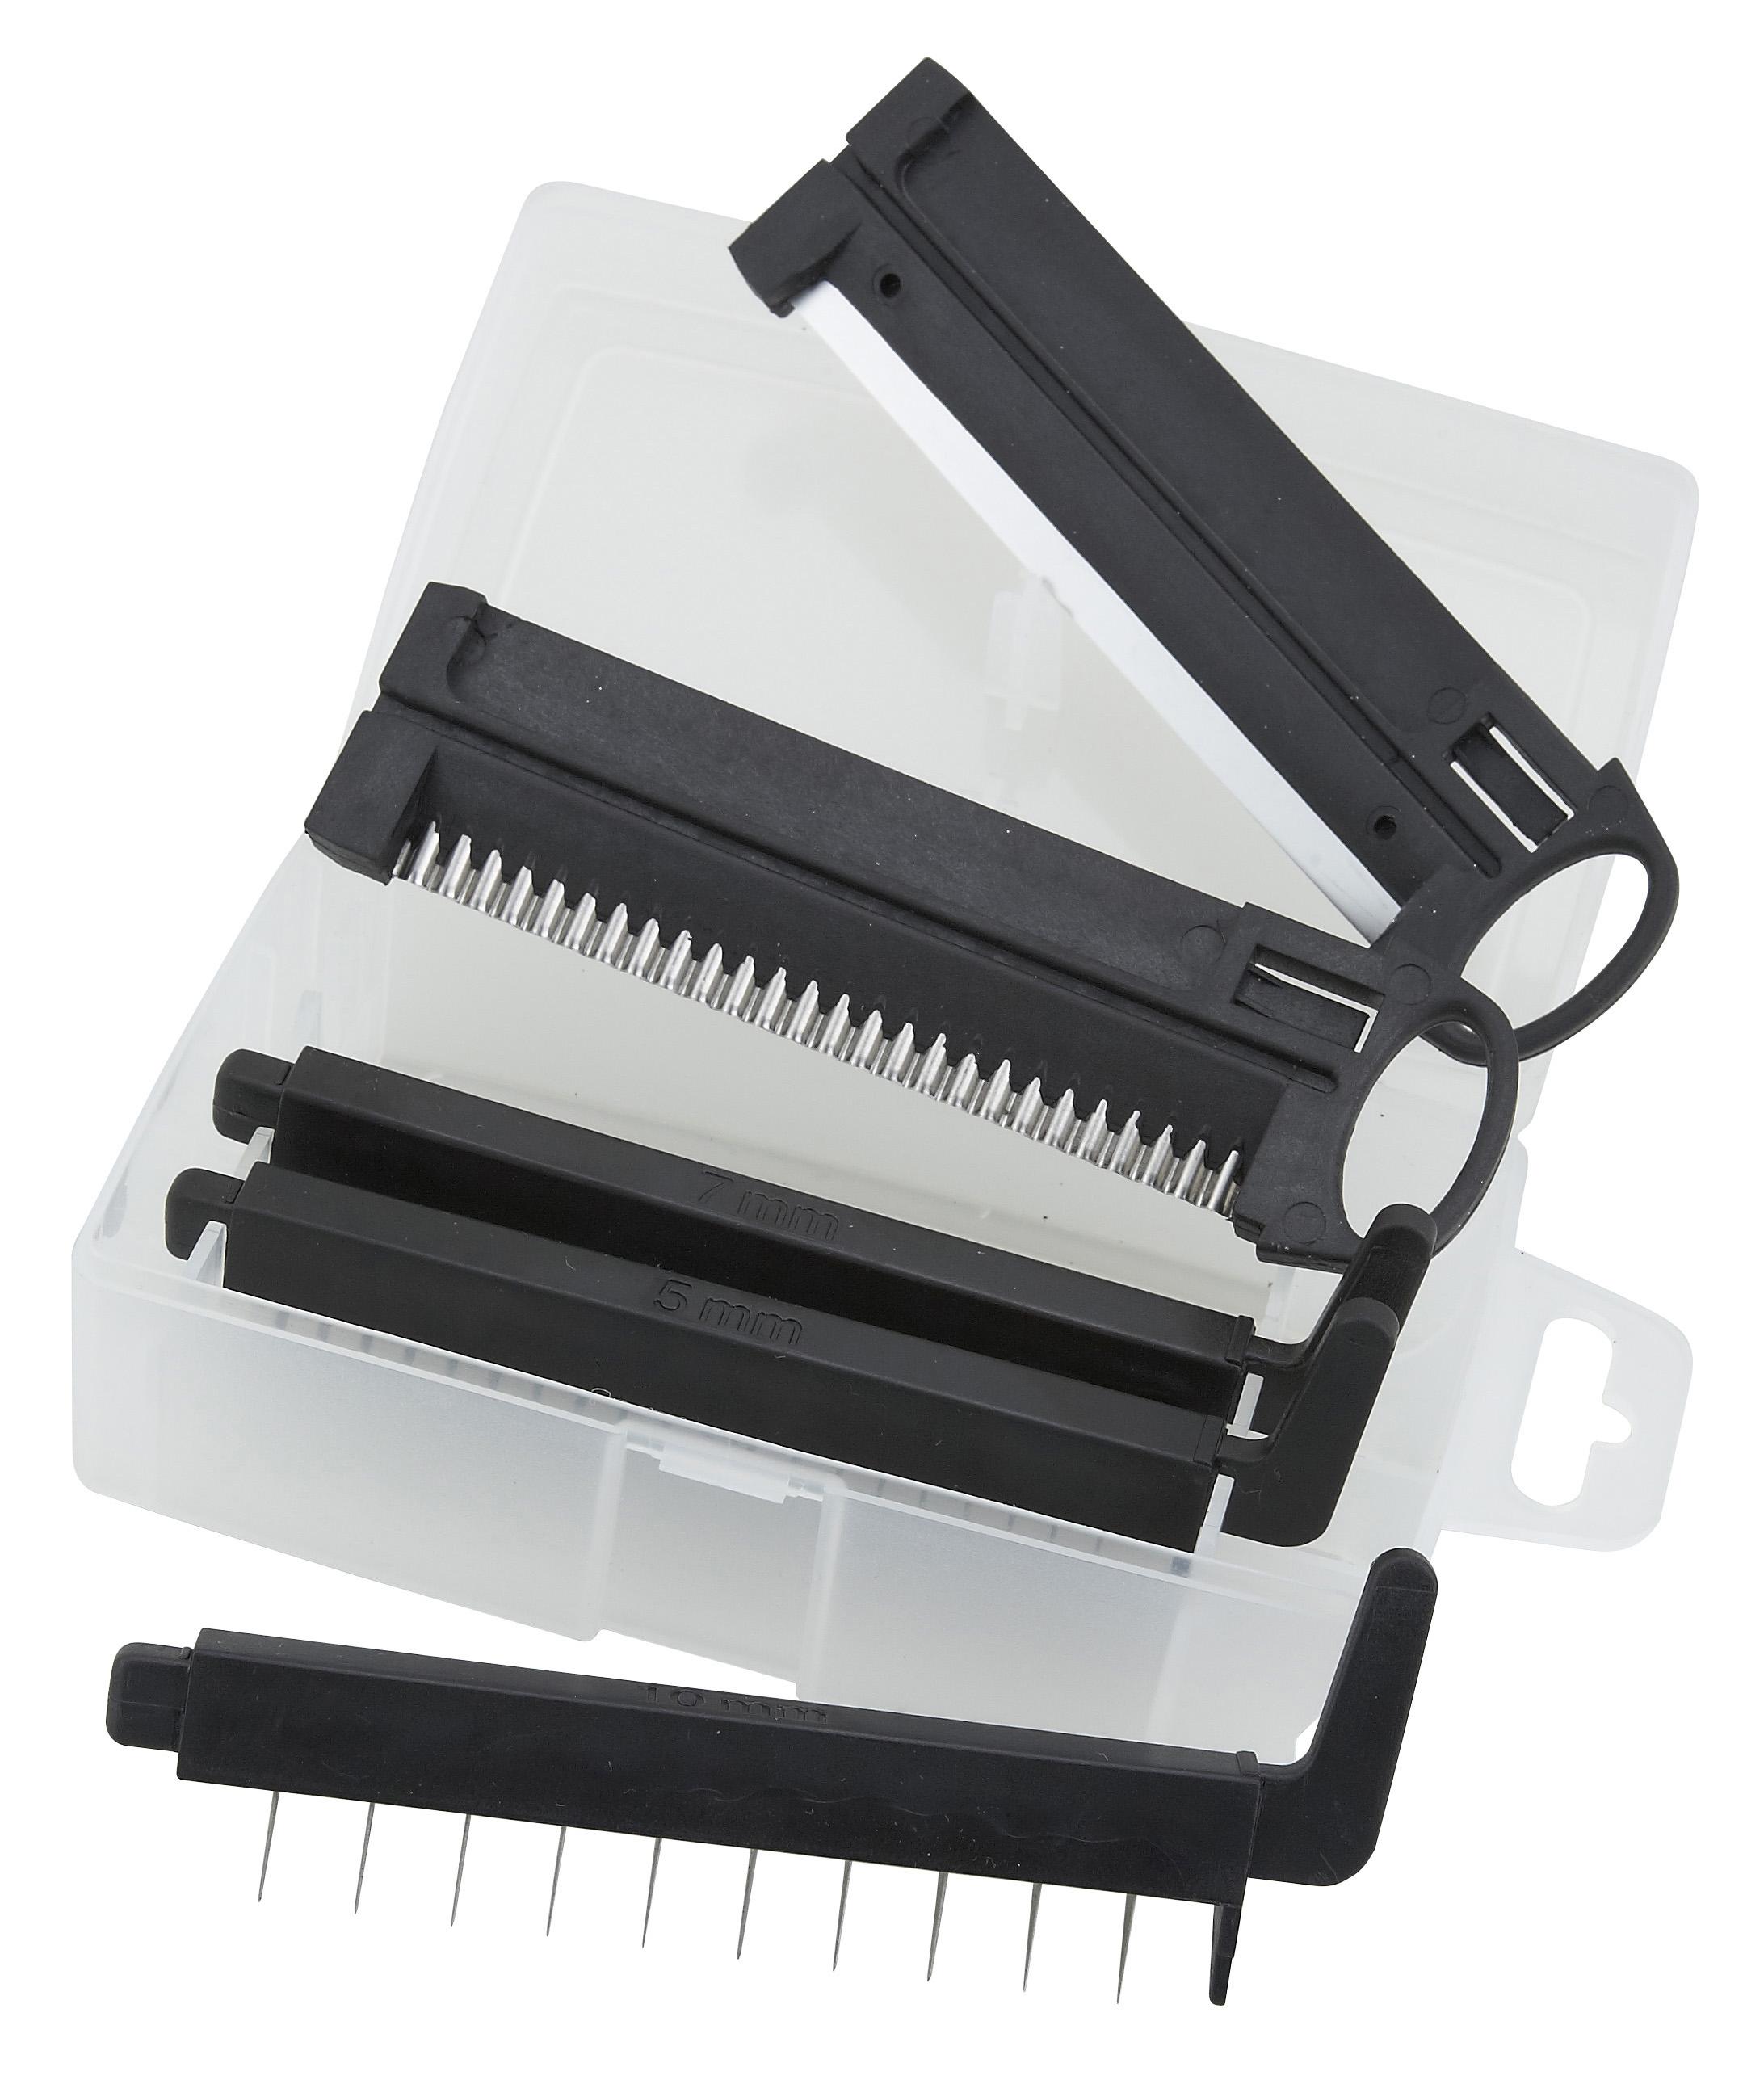 Winco MDL-BLD mandoline slicers